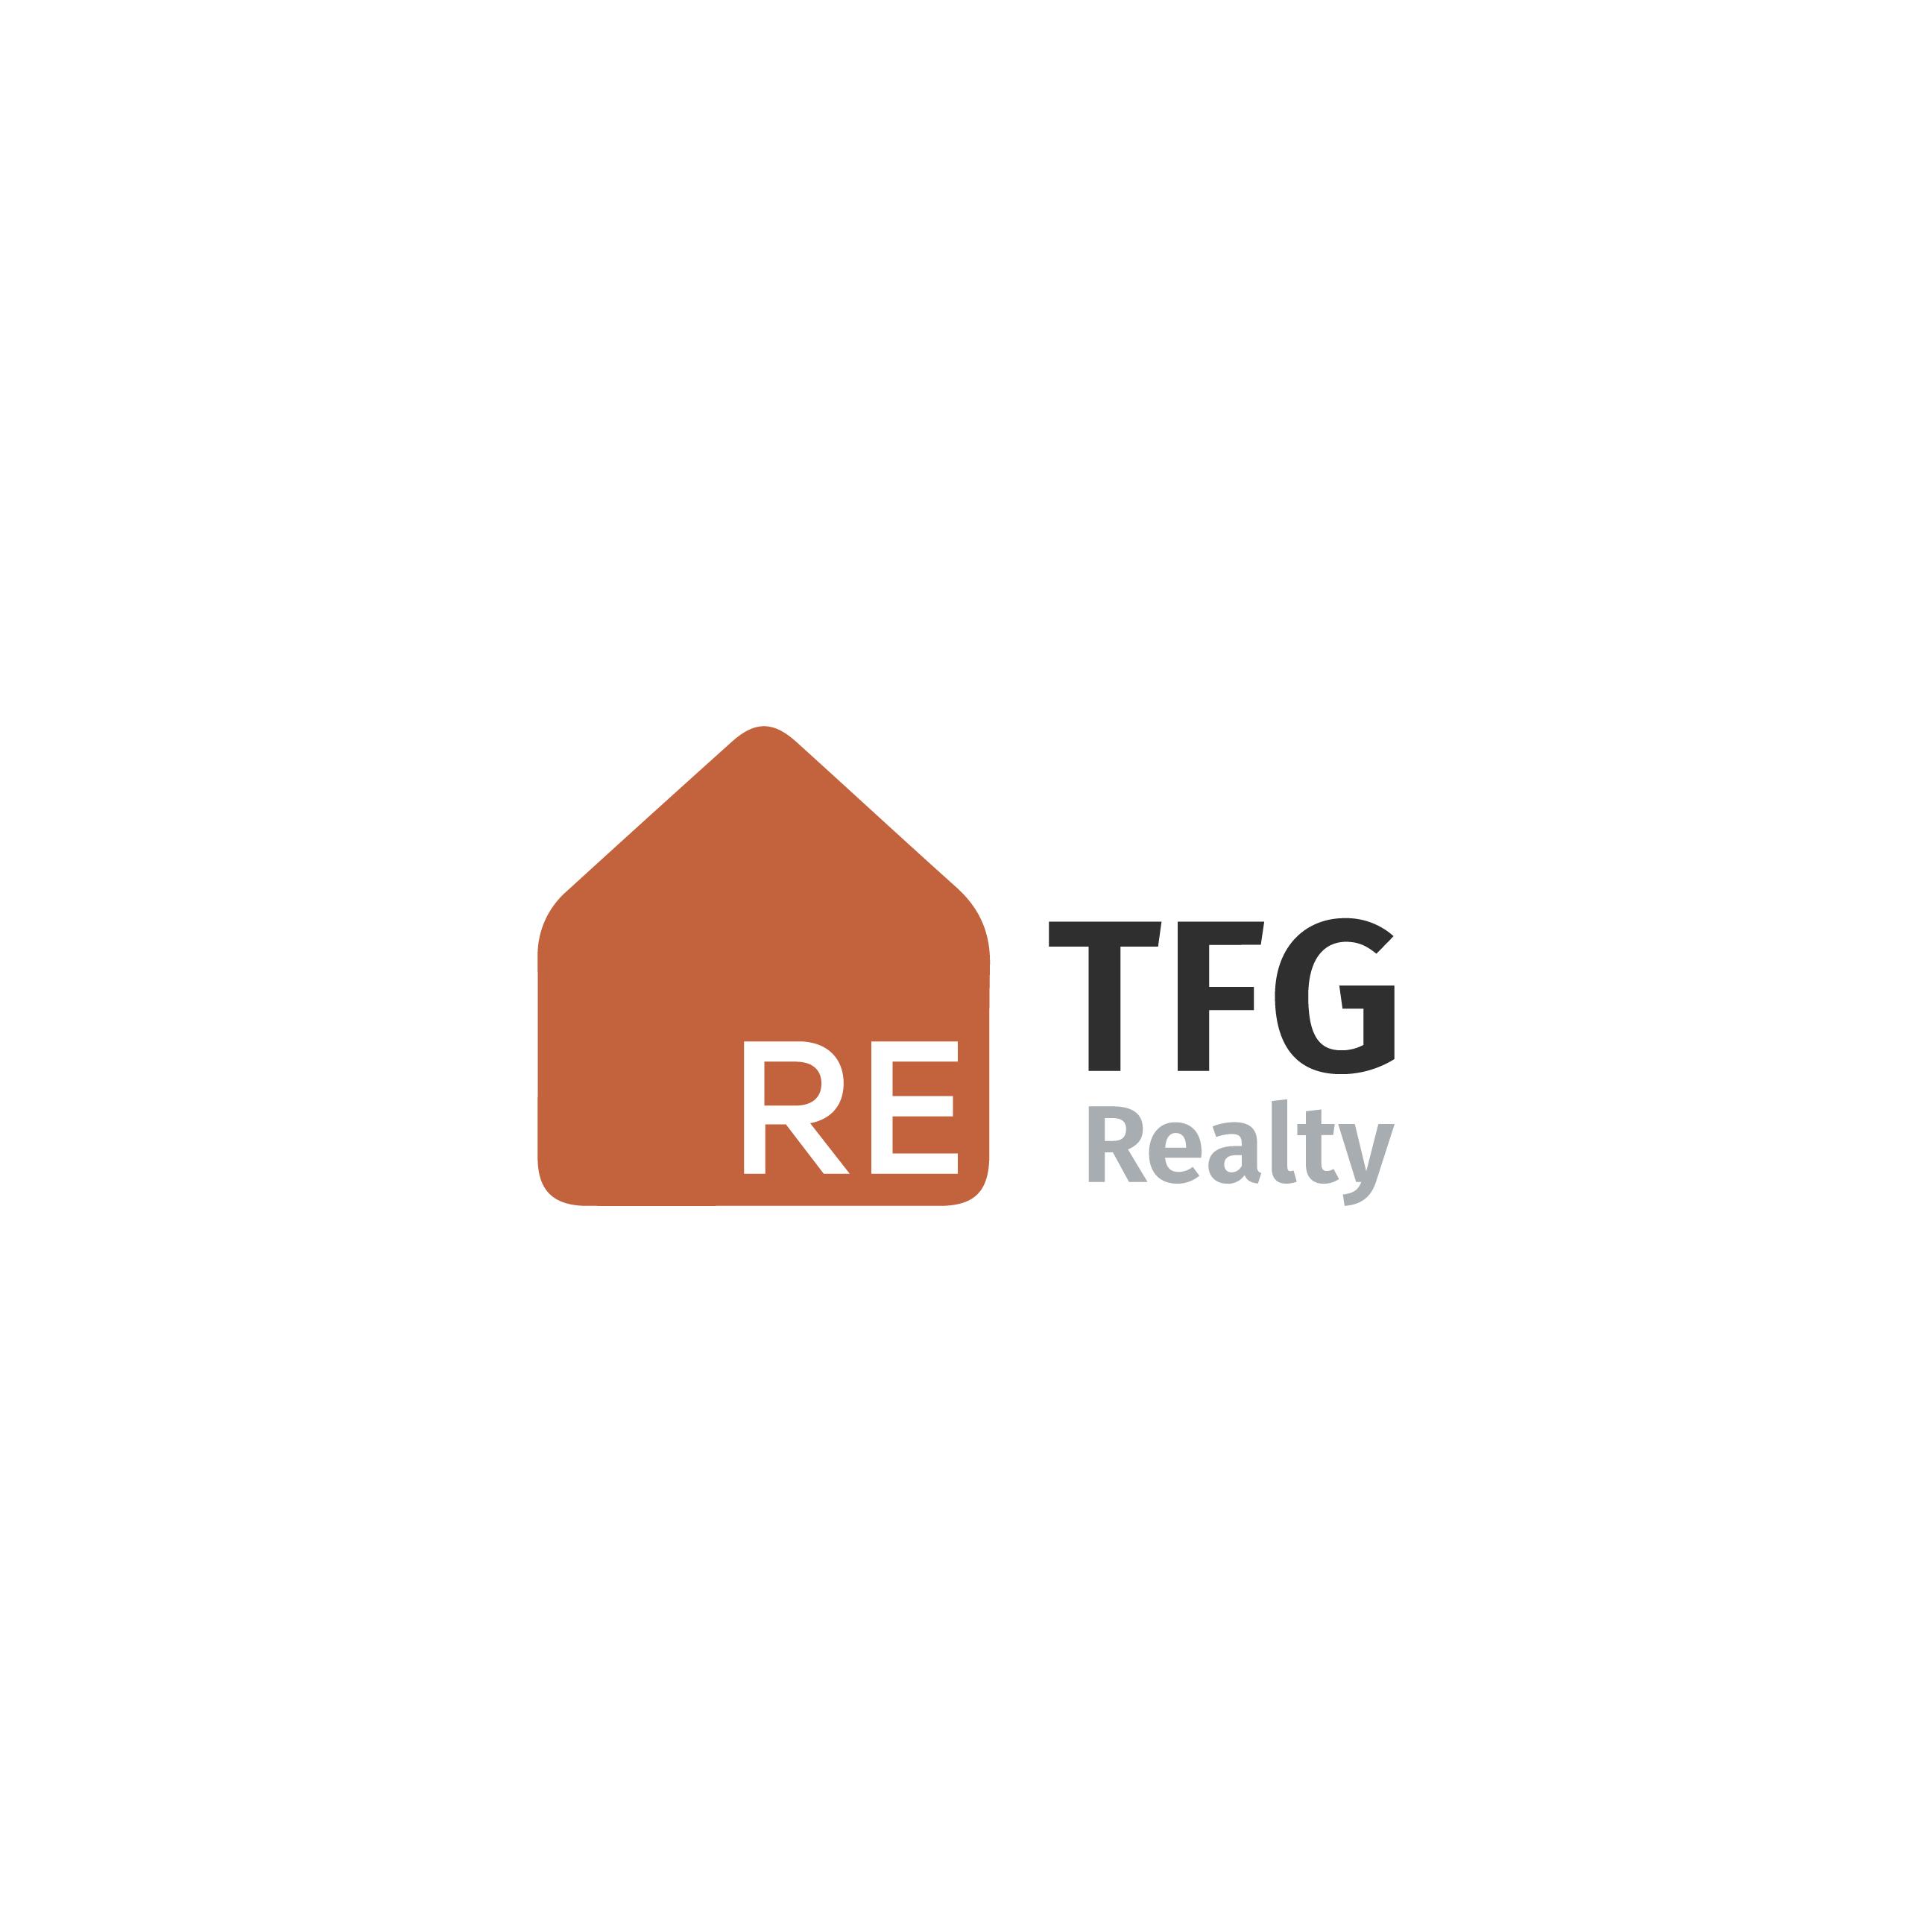 TFG Realty